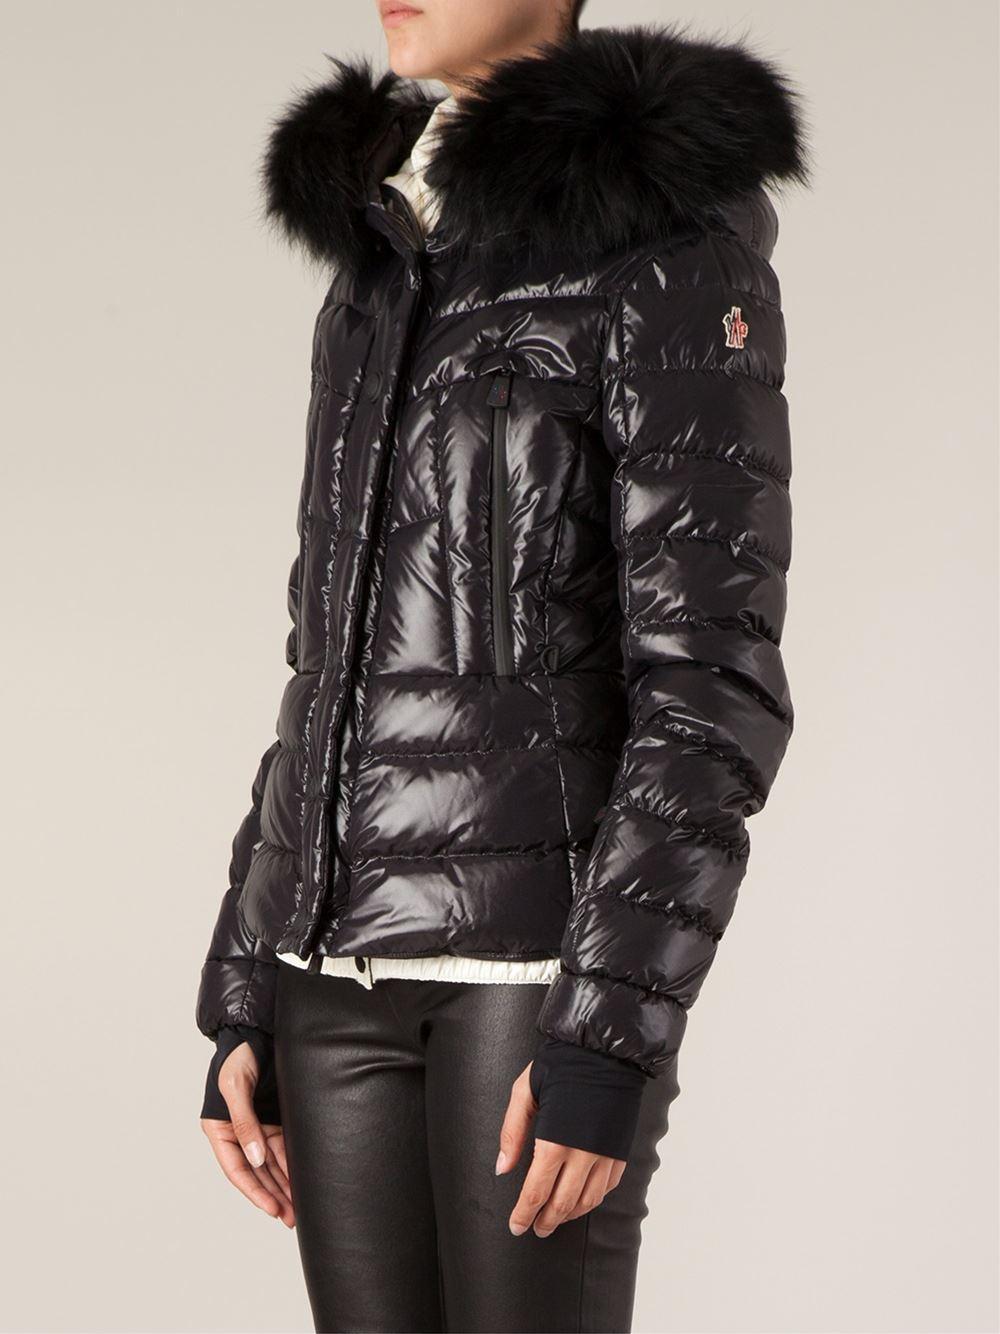 moncler black fur hooded jacket